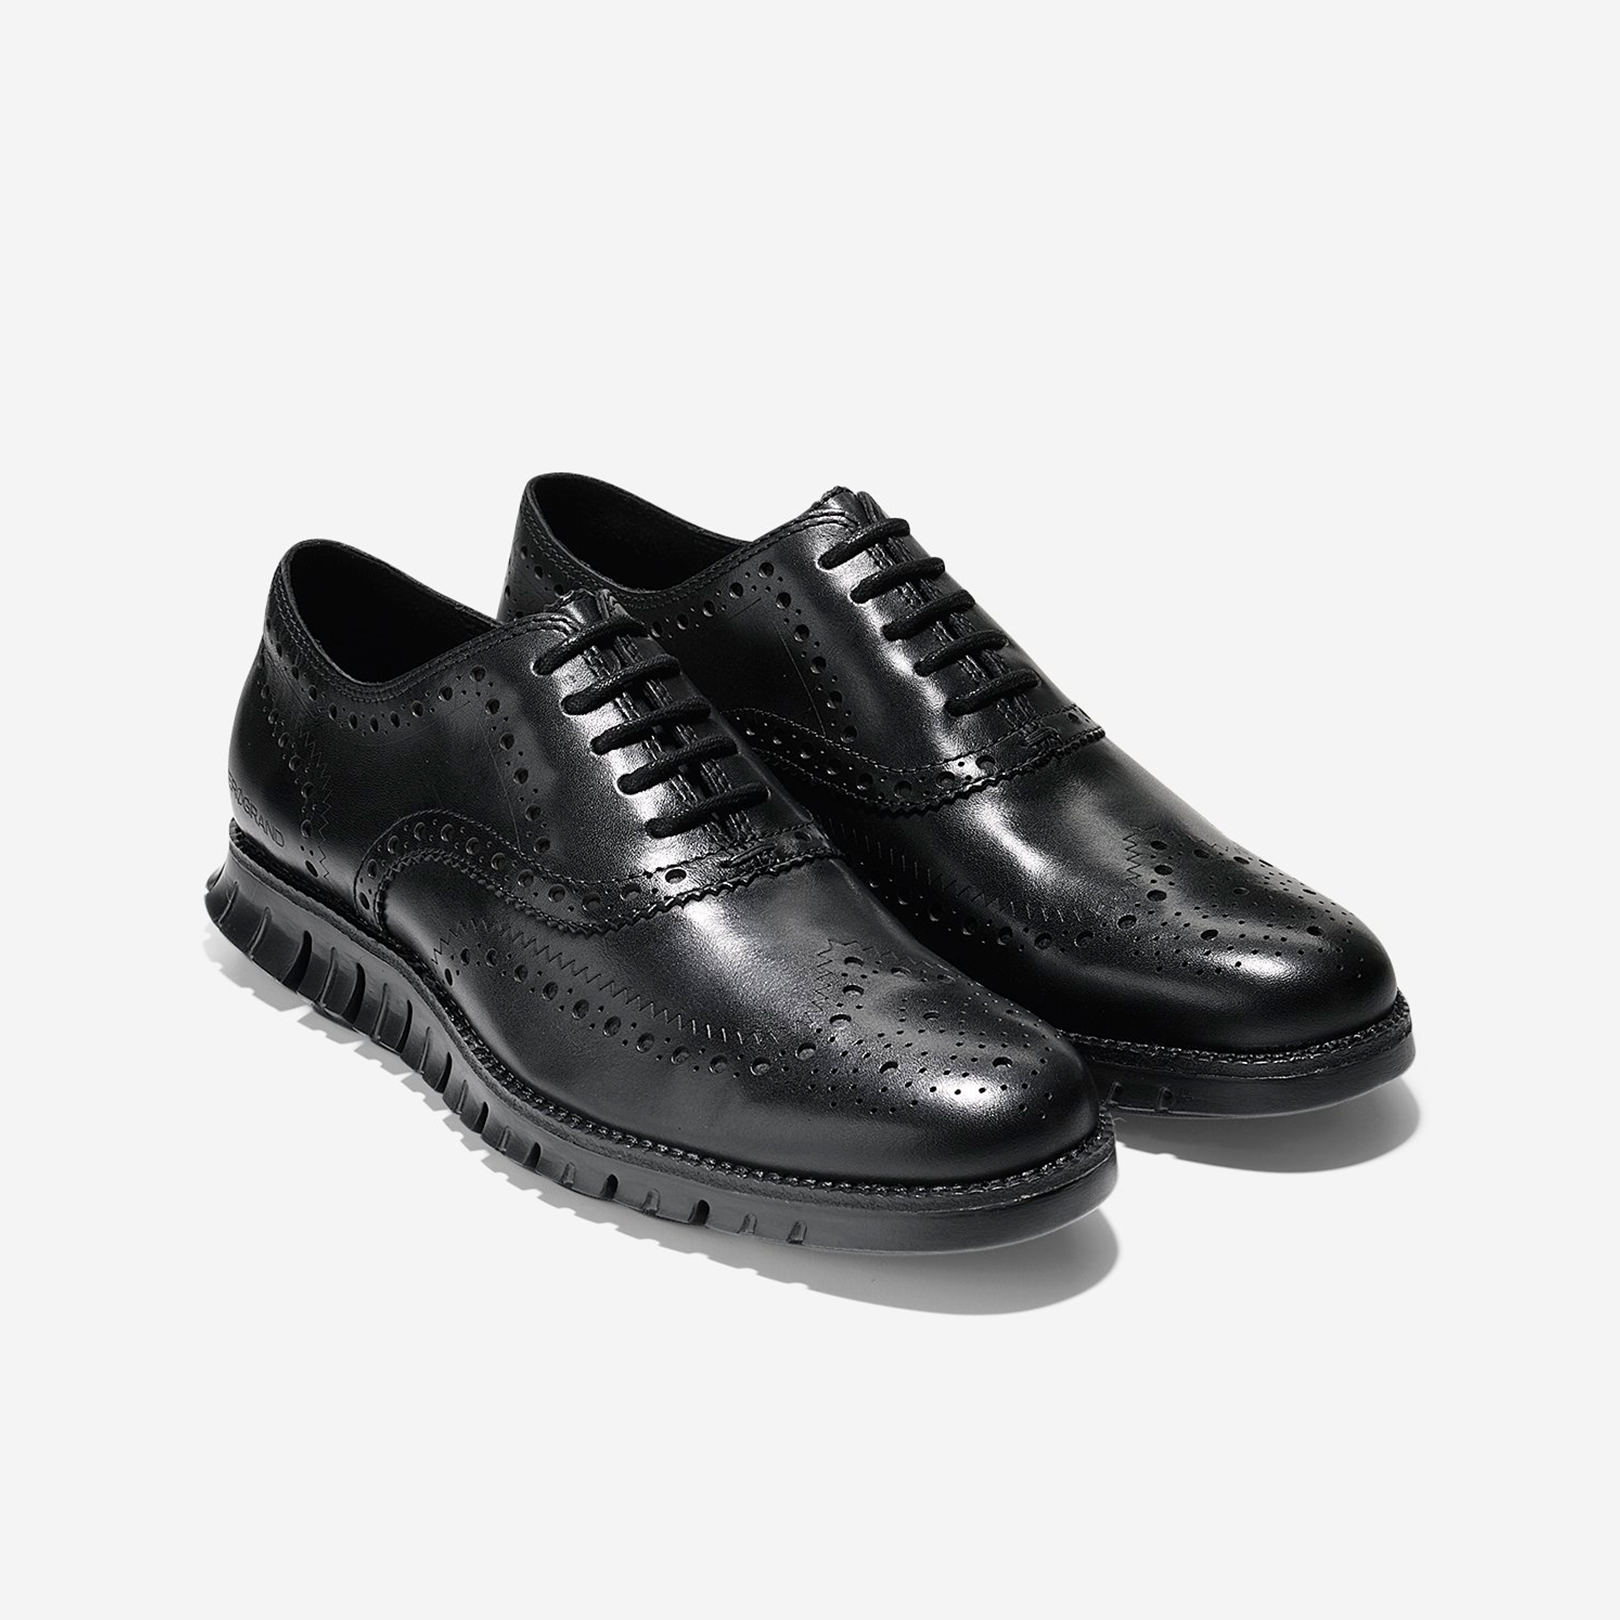 ColeHaanShoes